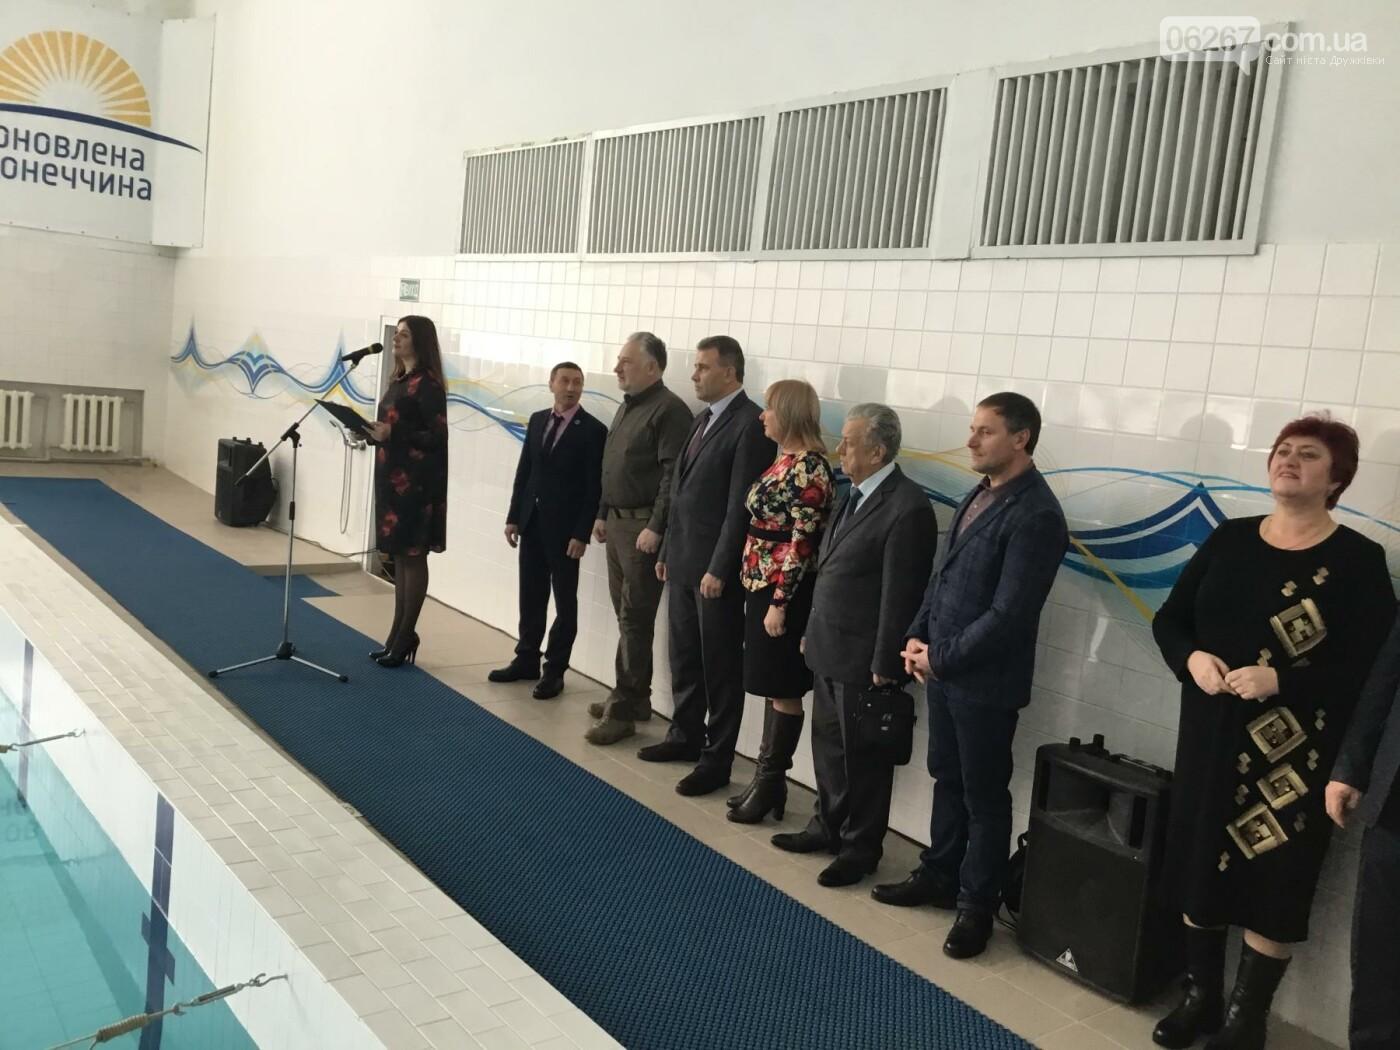 Бассейн в Дружковке открыт: Секция плавания заработает с 1 февраля, и для детей она будет бесплатной, фото-2